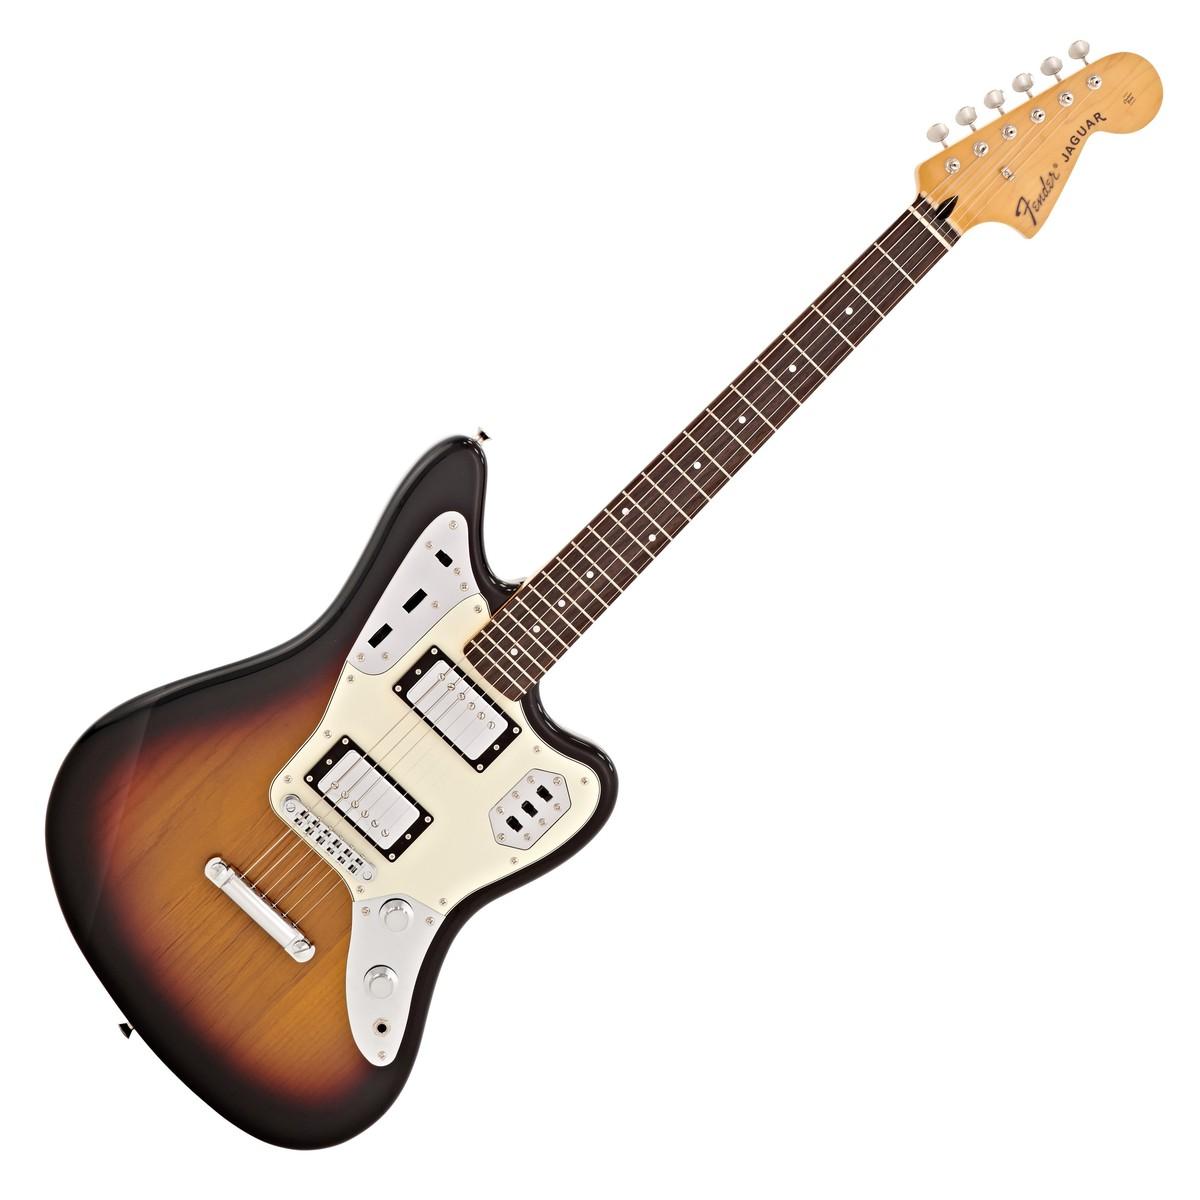 fender japan fsr jaguar special electric guitar 3 tone sunburst at. Black Bedroom Furniture Sets. Home Design Ideas